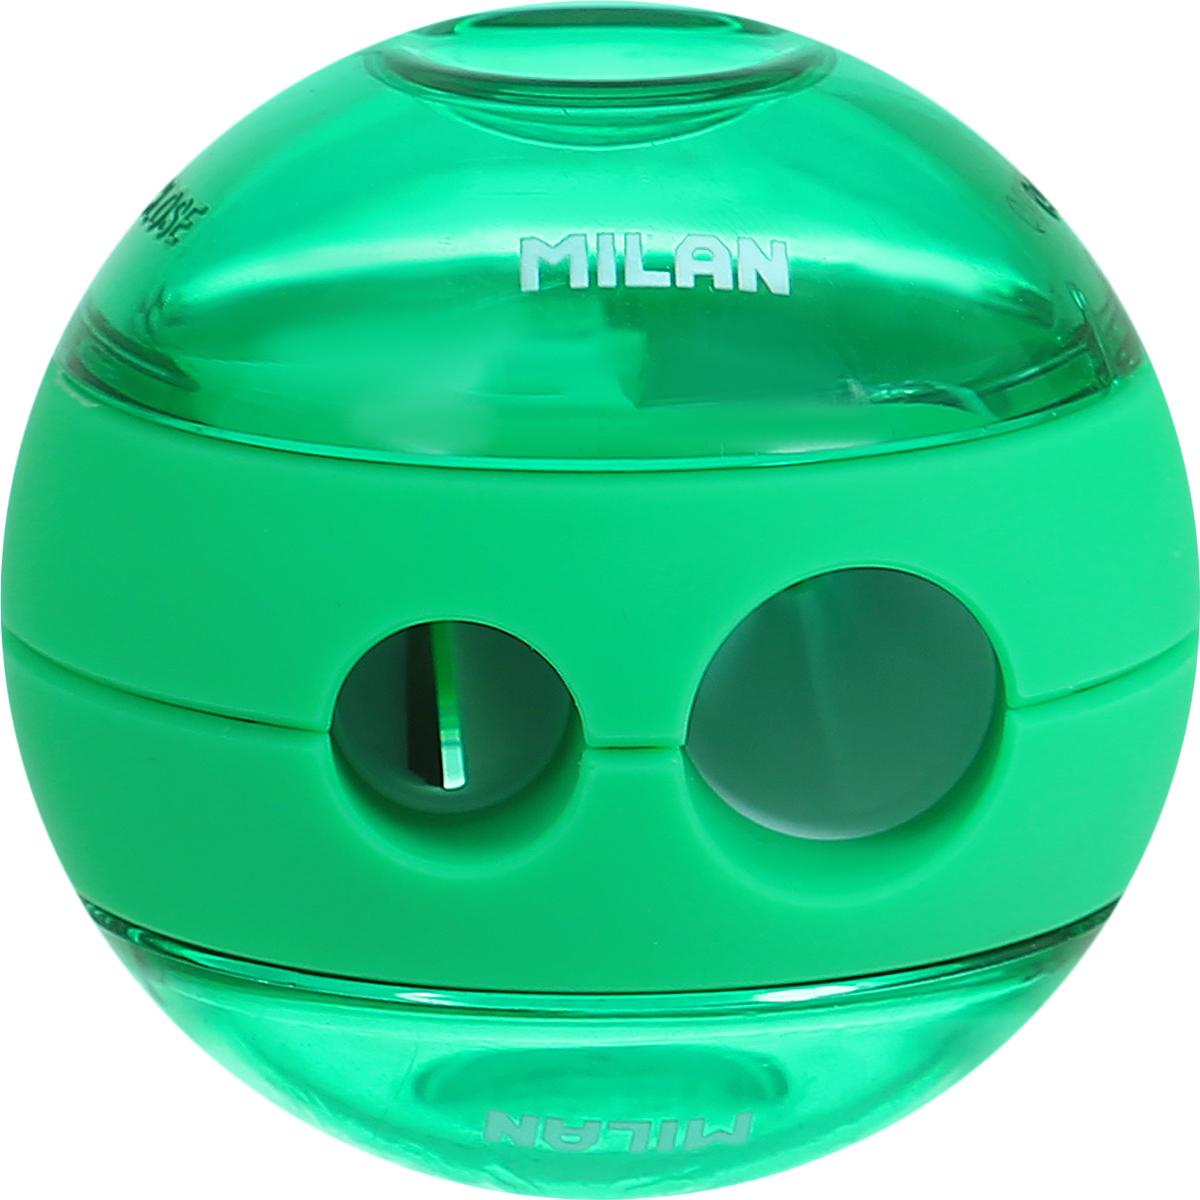 Milan Точилка Sphere с контейнером цвет зеленыйFS-36054Оригинальная модель точилки Milan Sphere с двумя отверстиями - для затачивания карандашей разных диаметров 11/8 мм. Эффектный дизайн и отличное качество материалов.